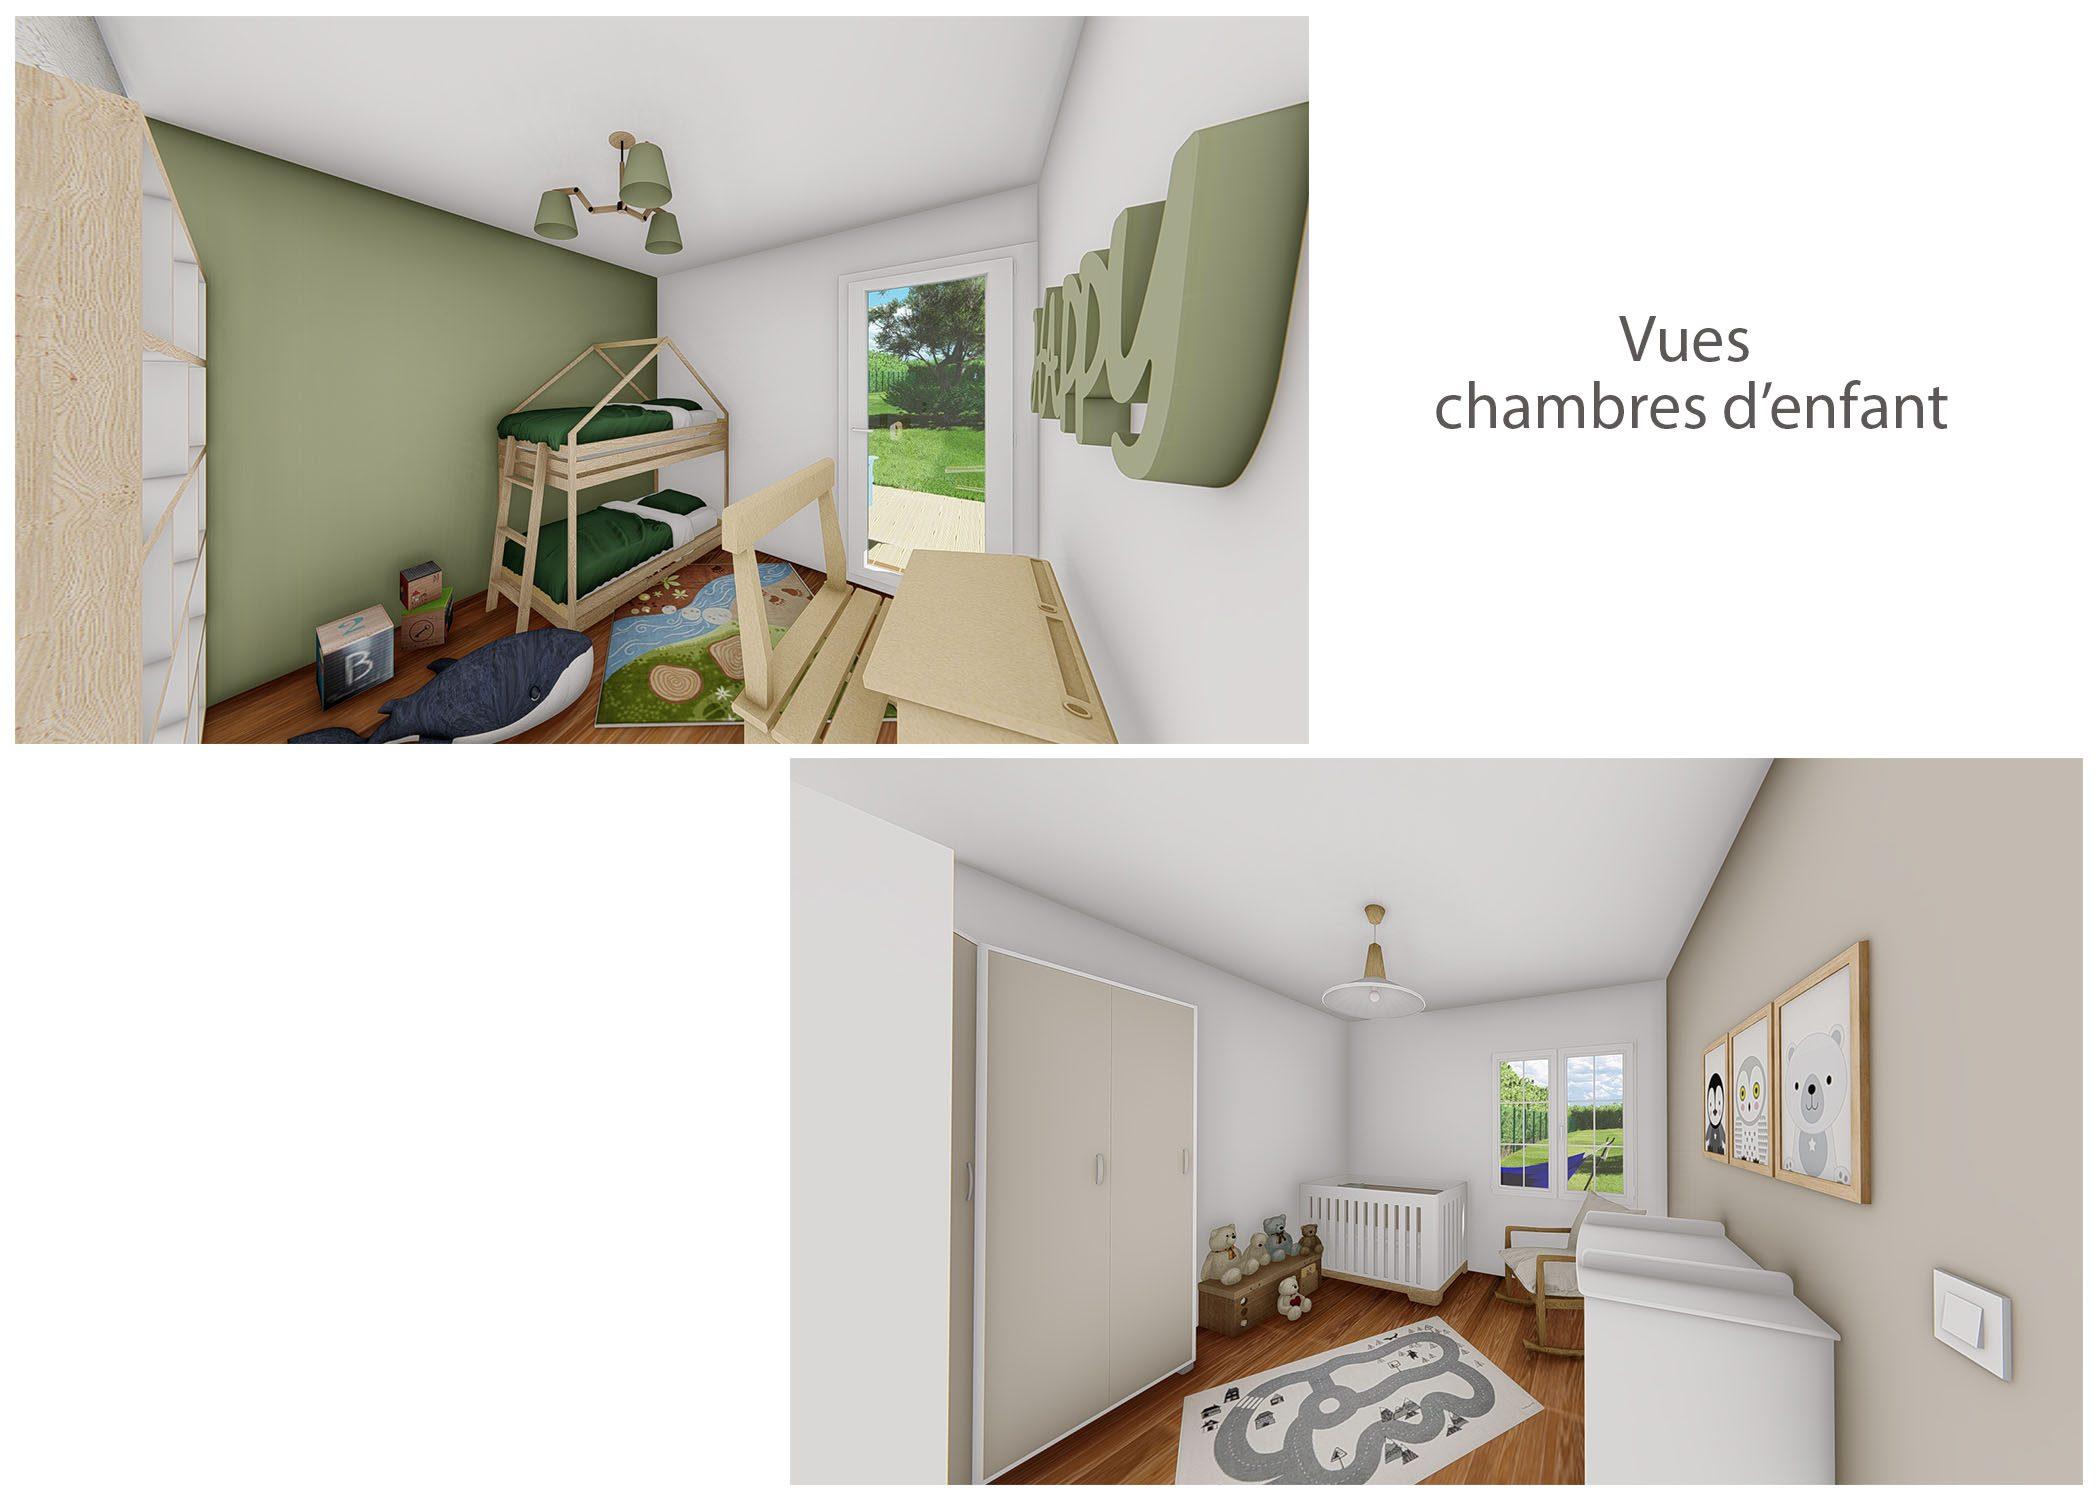 renovation-amenagement-decoration-maison de famille-fuveau-rendus chambres d'enfants-dekho design